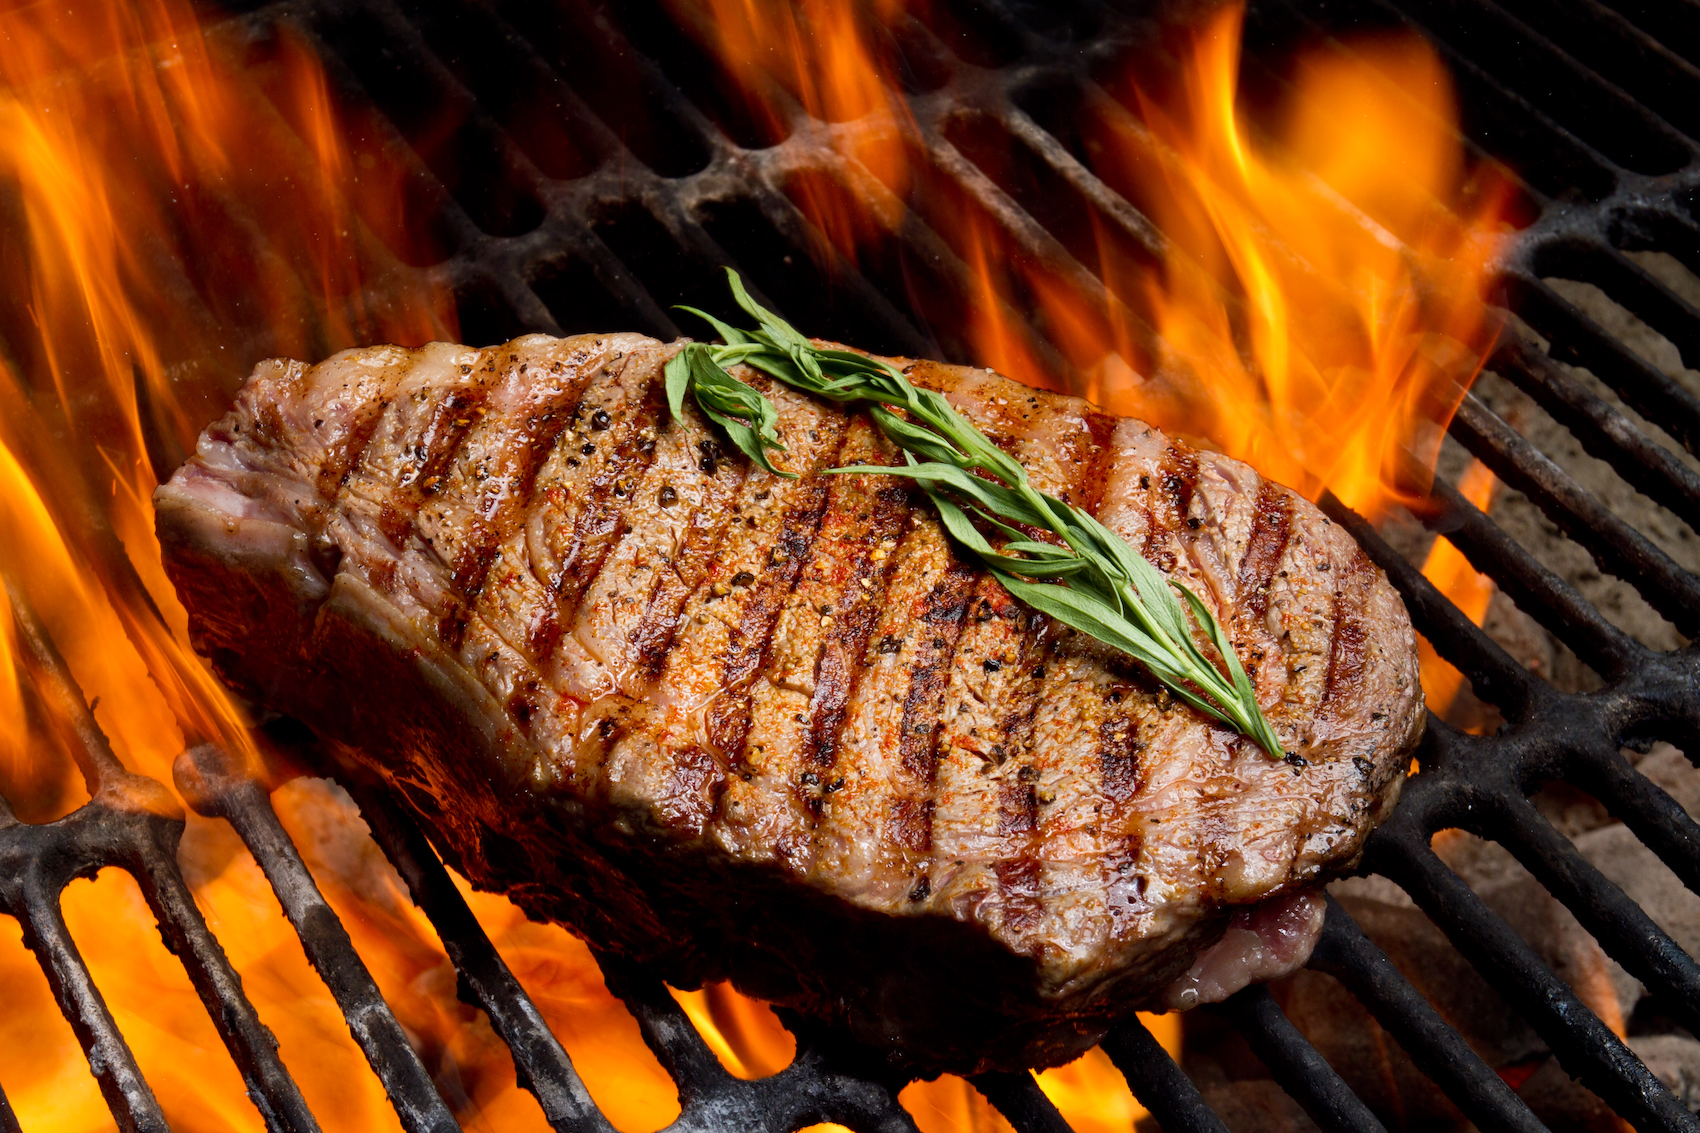 Auch da steckt viel Energie drin: Dieses Rib-Eye-Steak hat 19-mal so viele Treibhausgase verursacht wie gleich viel Gemüse aus der Region. (Getty)